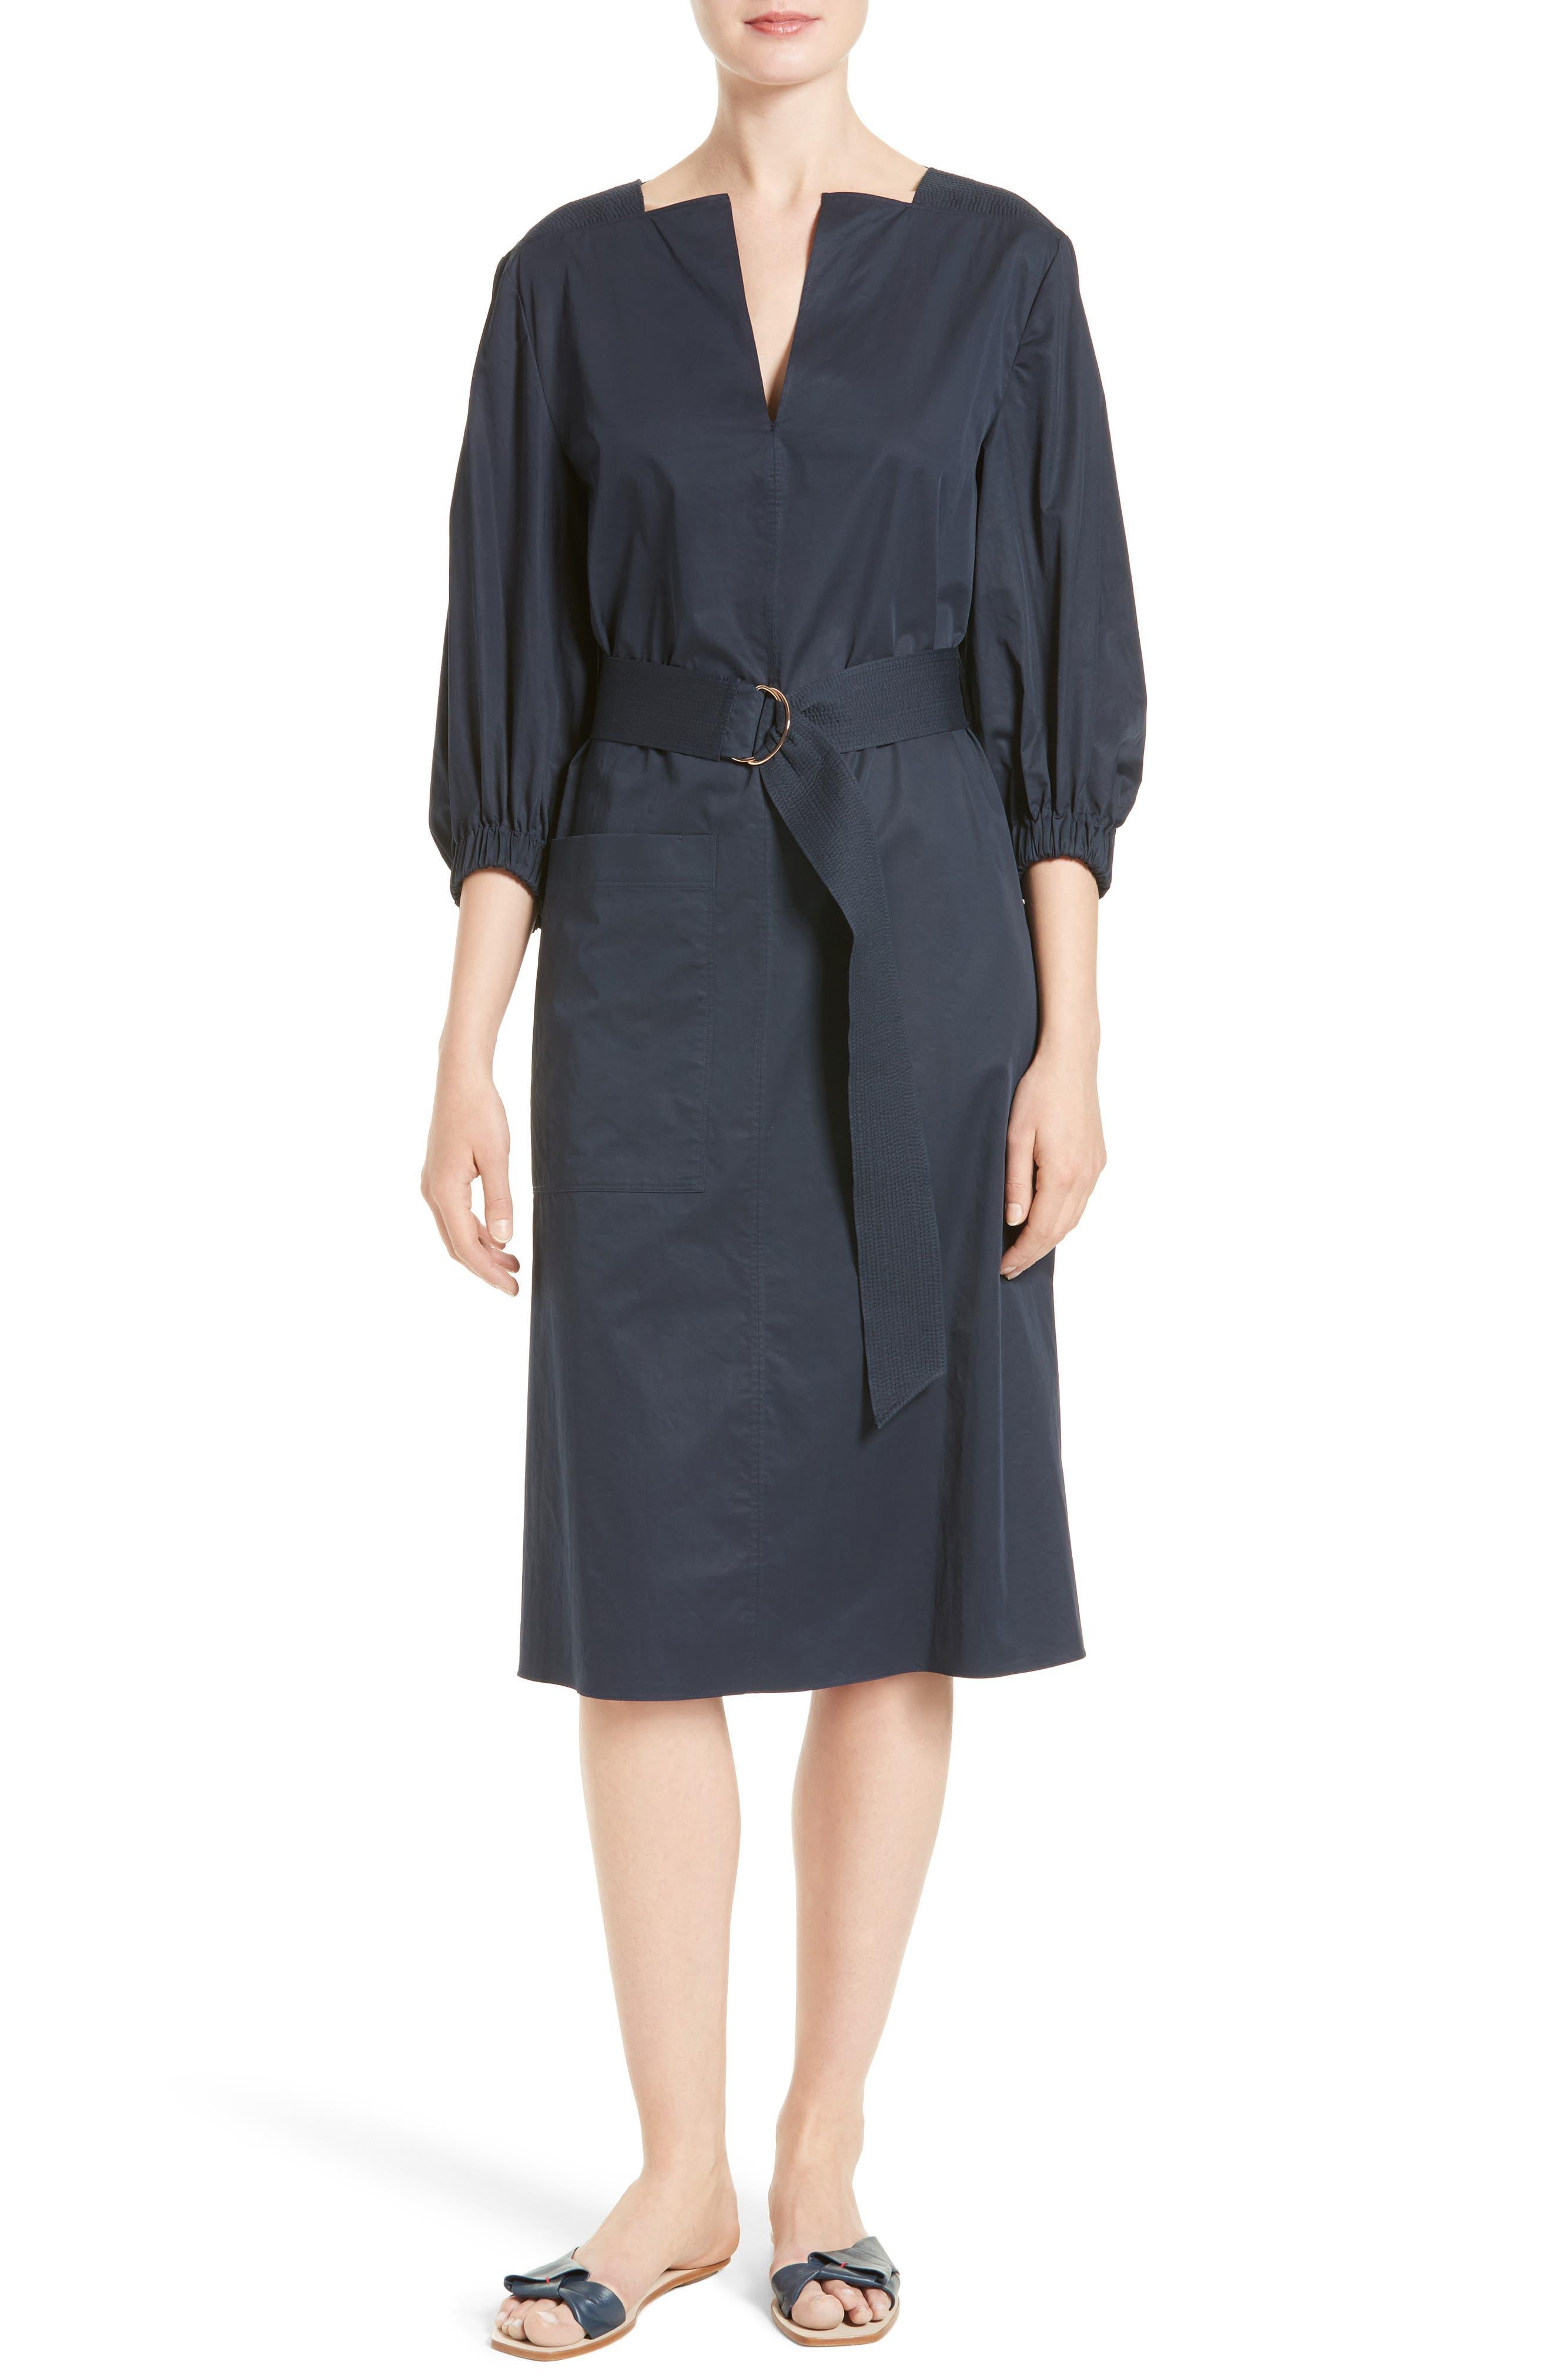 Main Image - Tibi Satin Poplin Belted Split Neck Dress